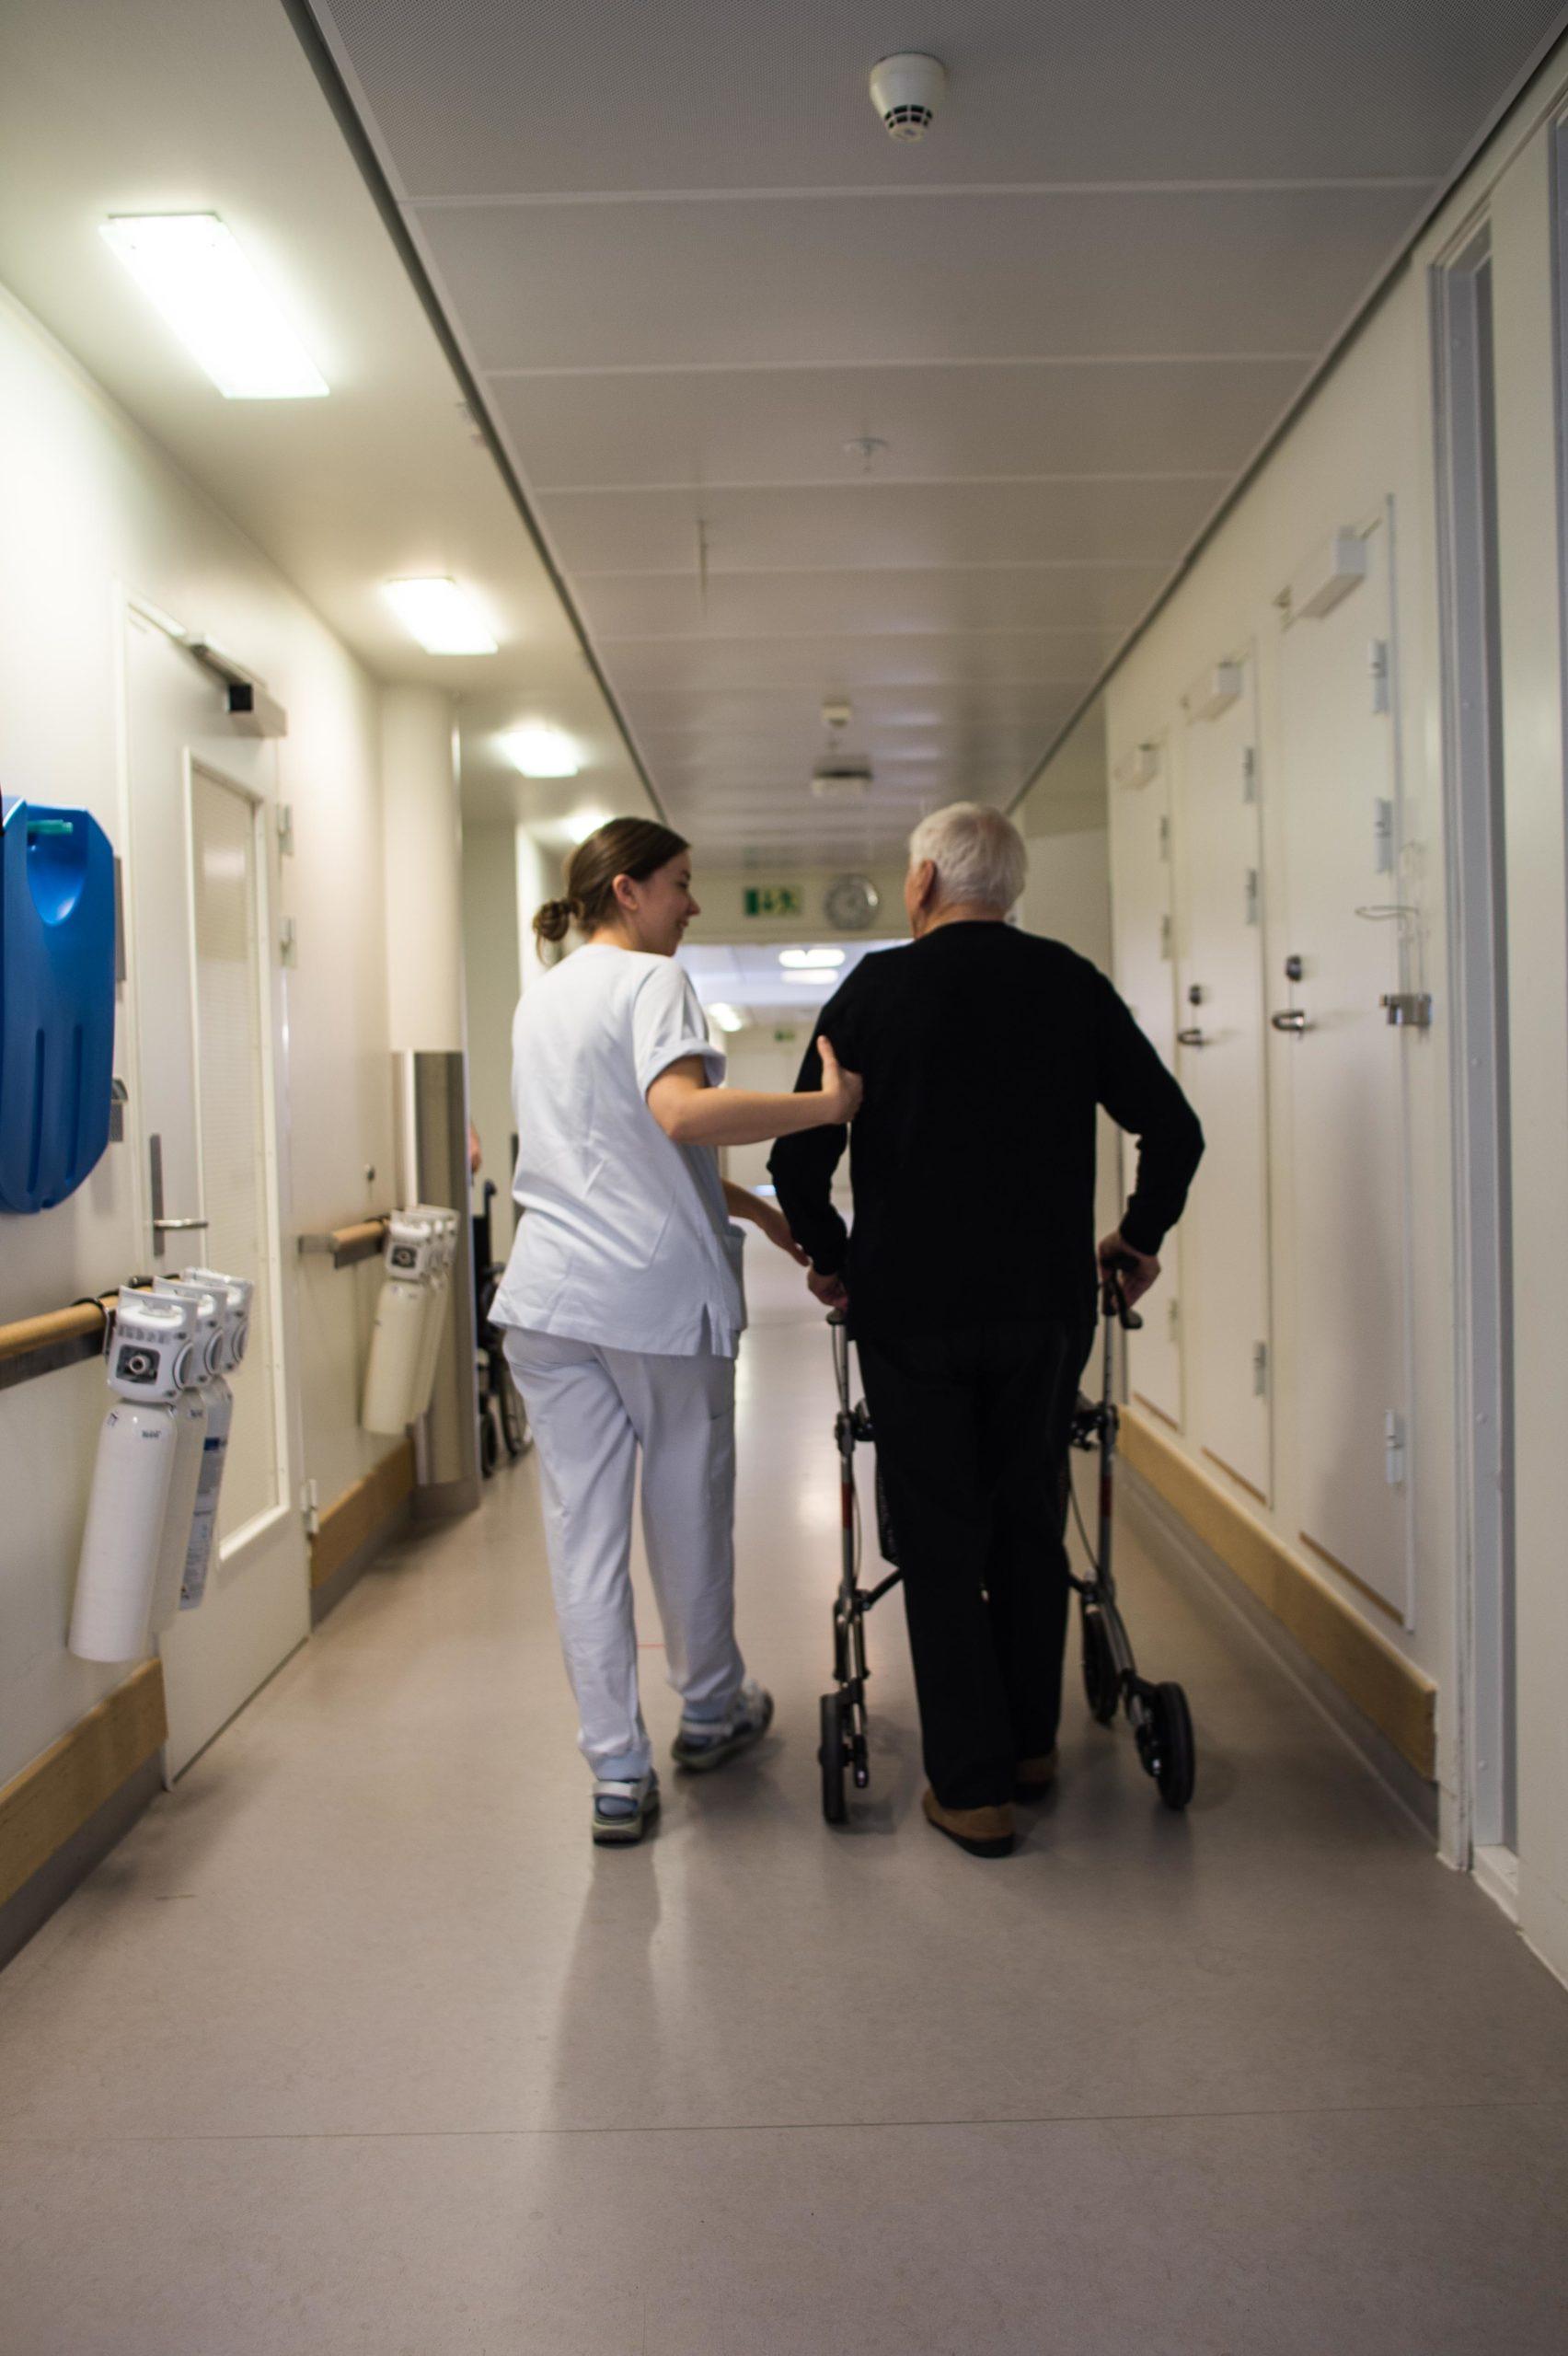 Sykepleier og eldre pasient med rullator går sammen i sykehuskorridor